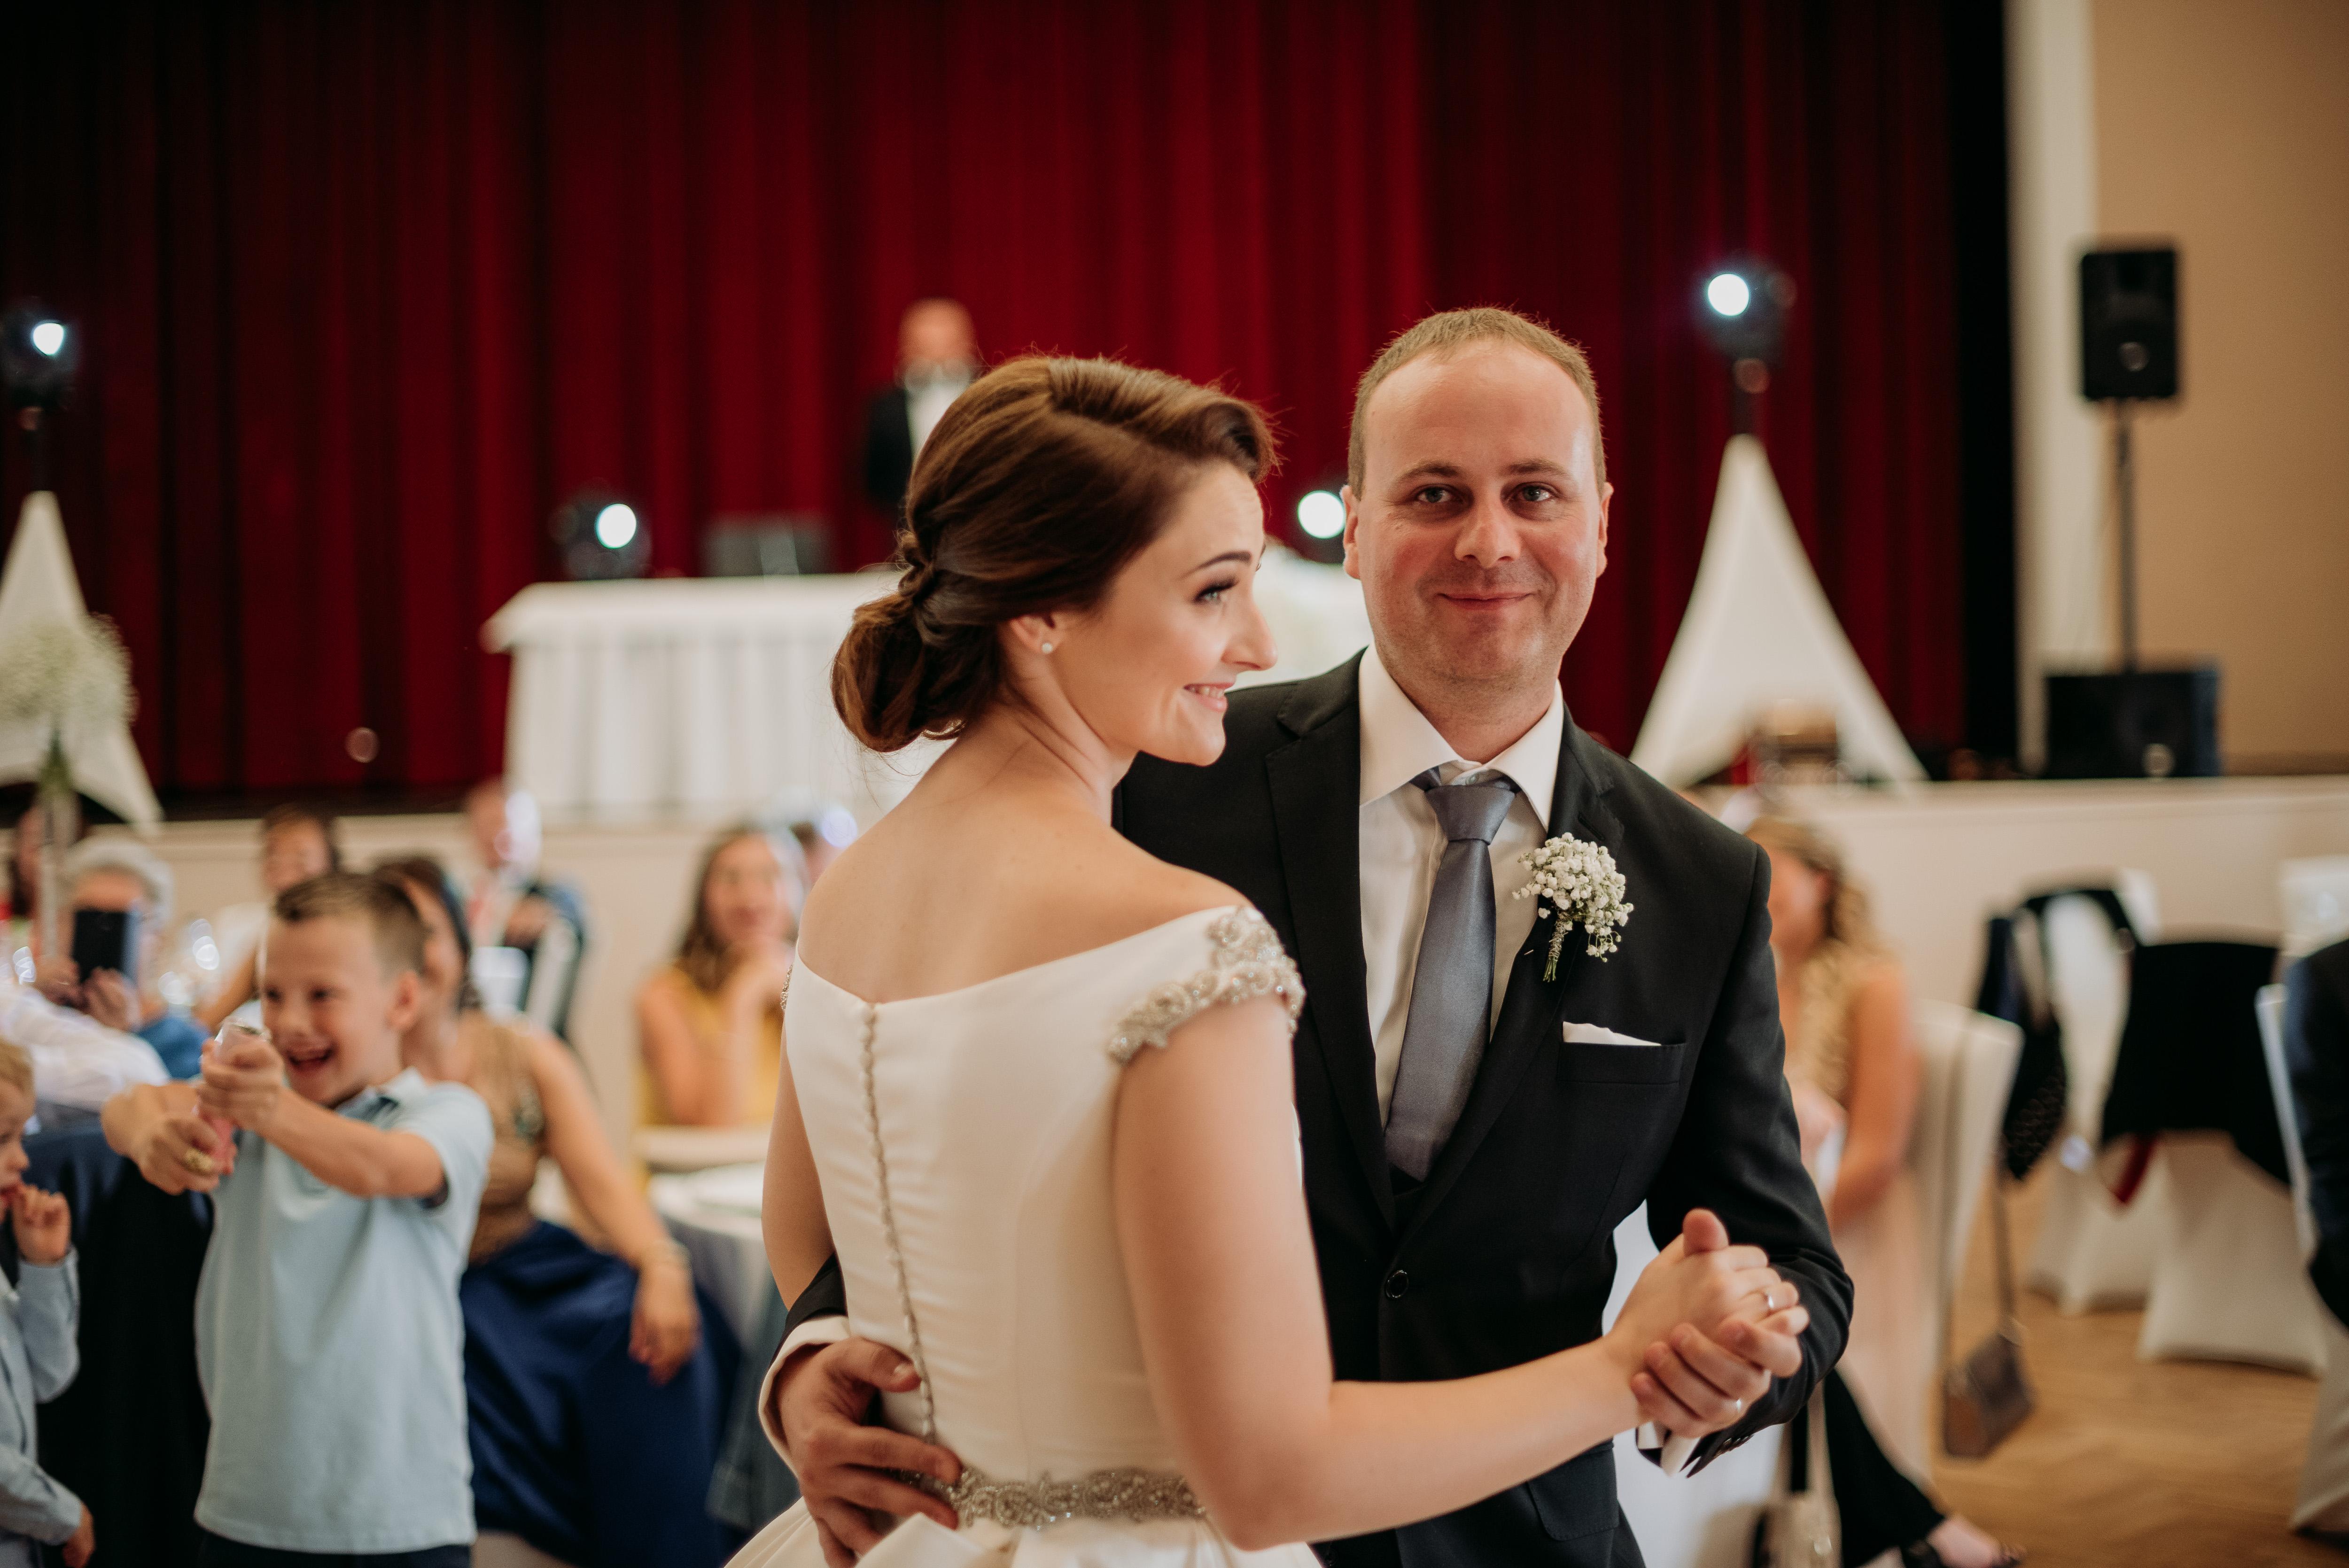 Svadba Výčapy-Opatovce, Svadba Kultúrny Dom 01, #svadobnyDJ, #djanasvadbu, #svadba, #VycapyOpatovce #DJAnavi